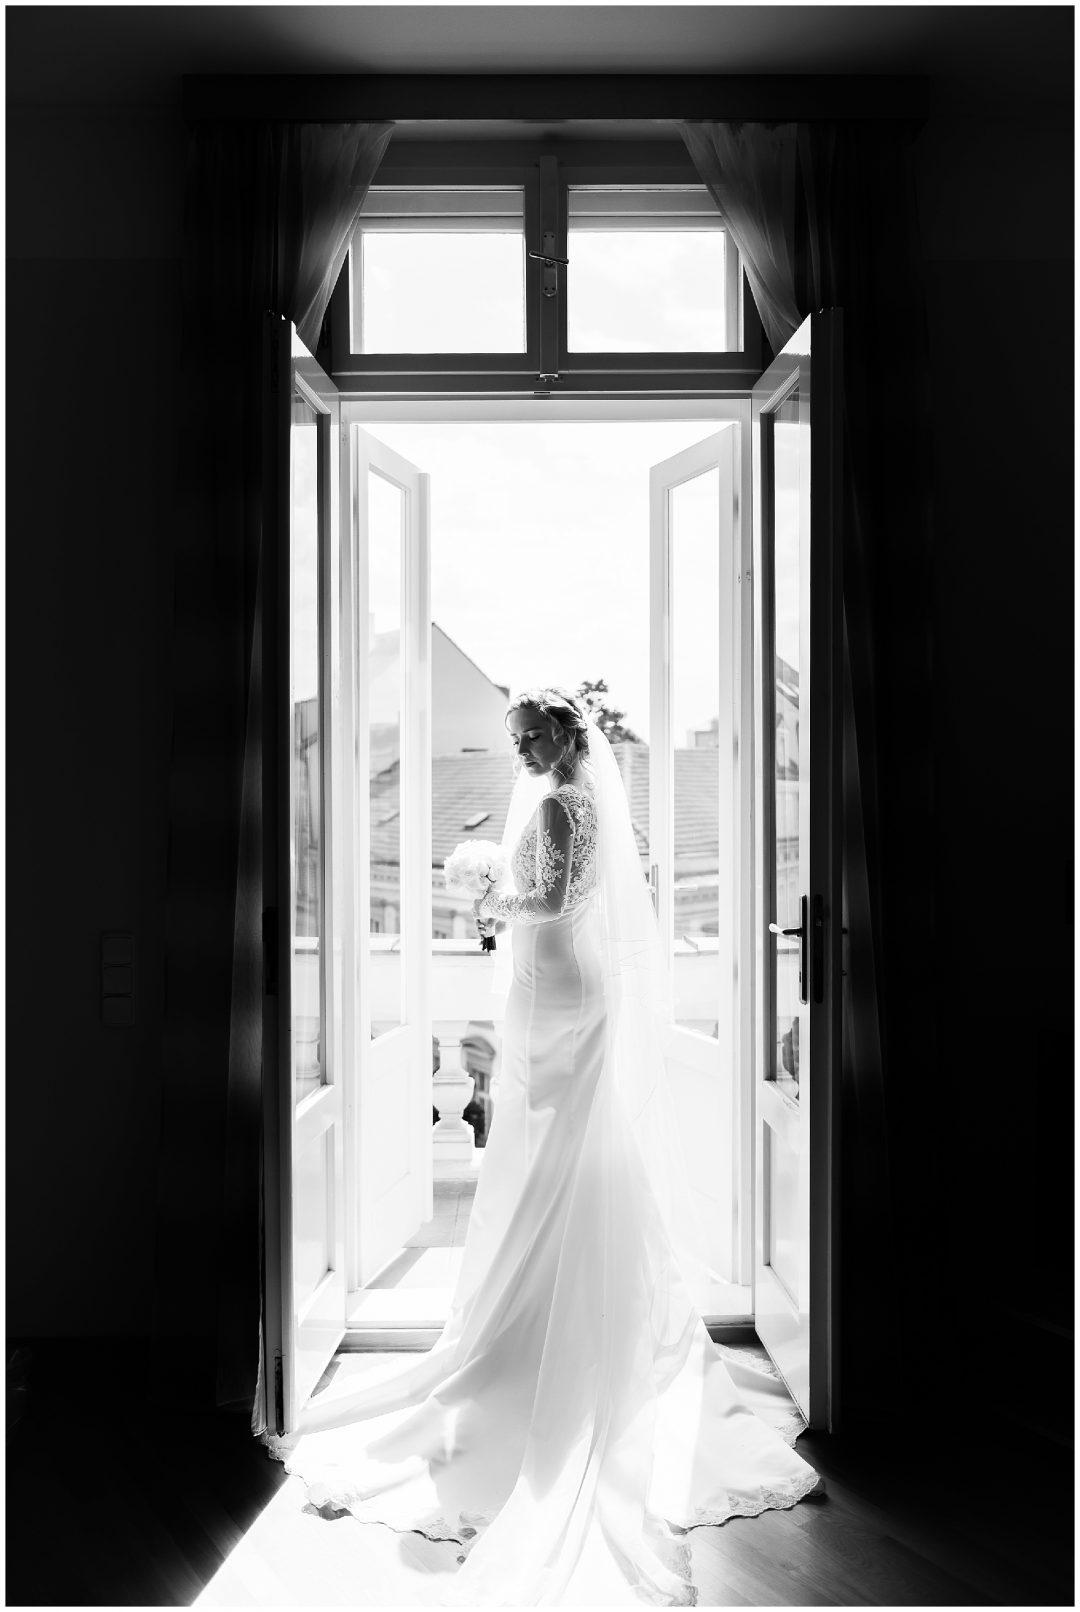 Destination Wedding in Prague | Pav and Steffen - weddings - Destination wedding Prague wedding Nkima Photography 0011